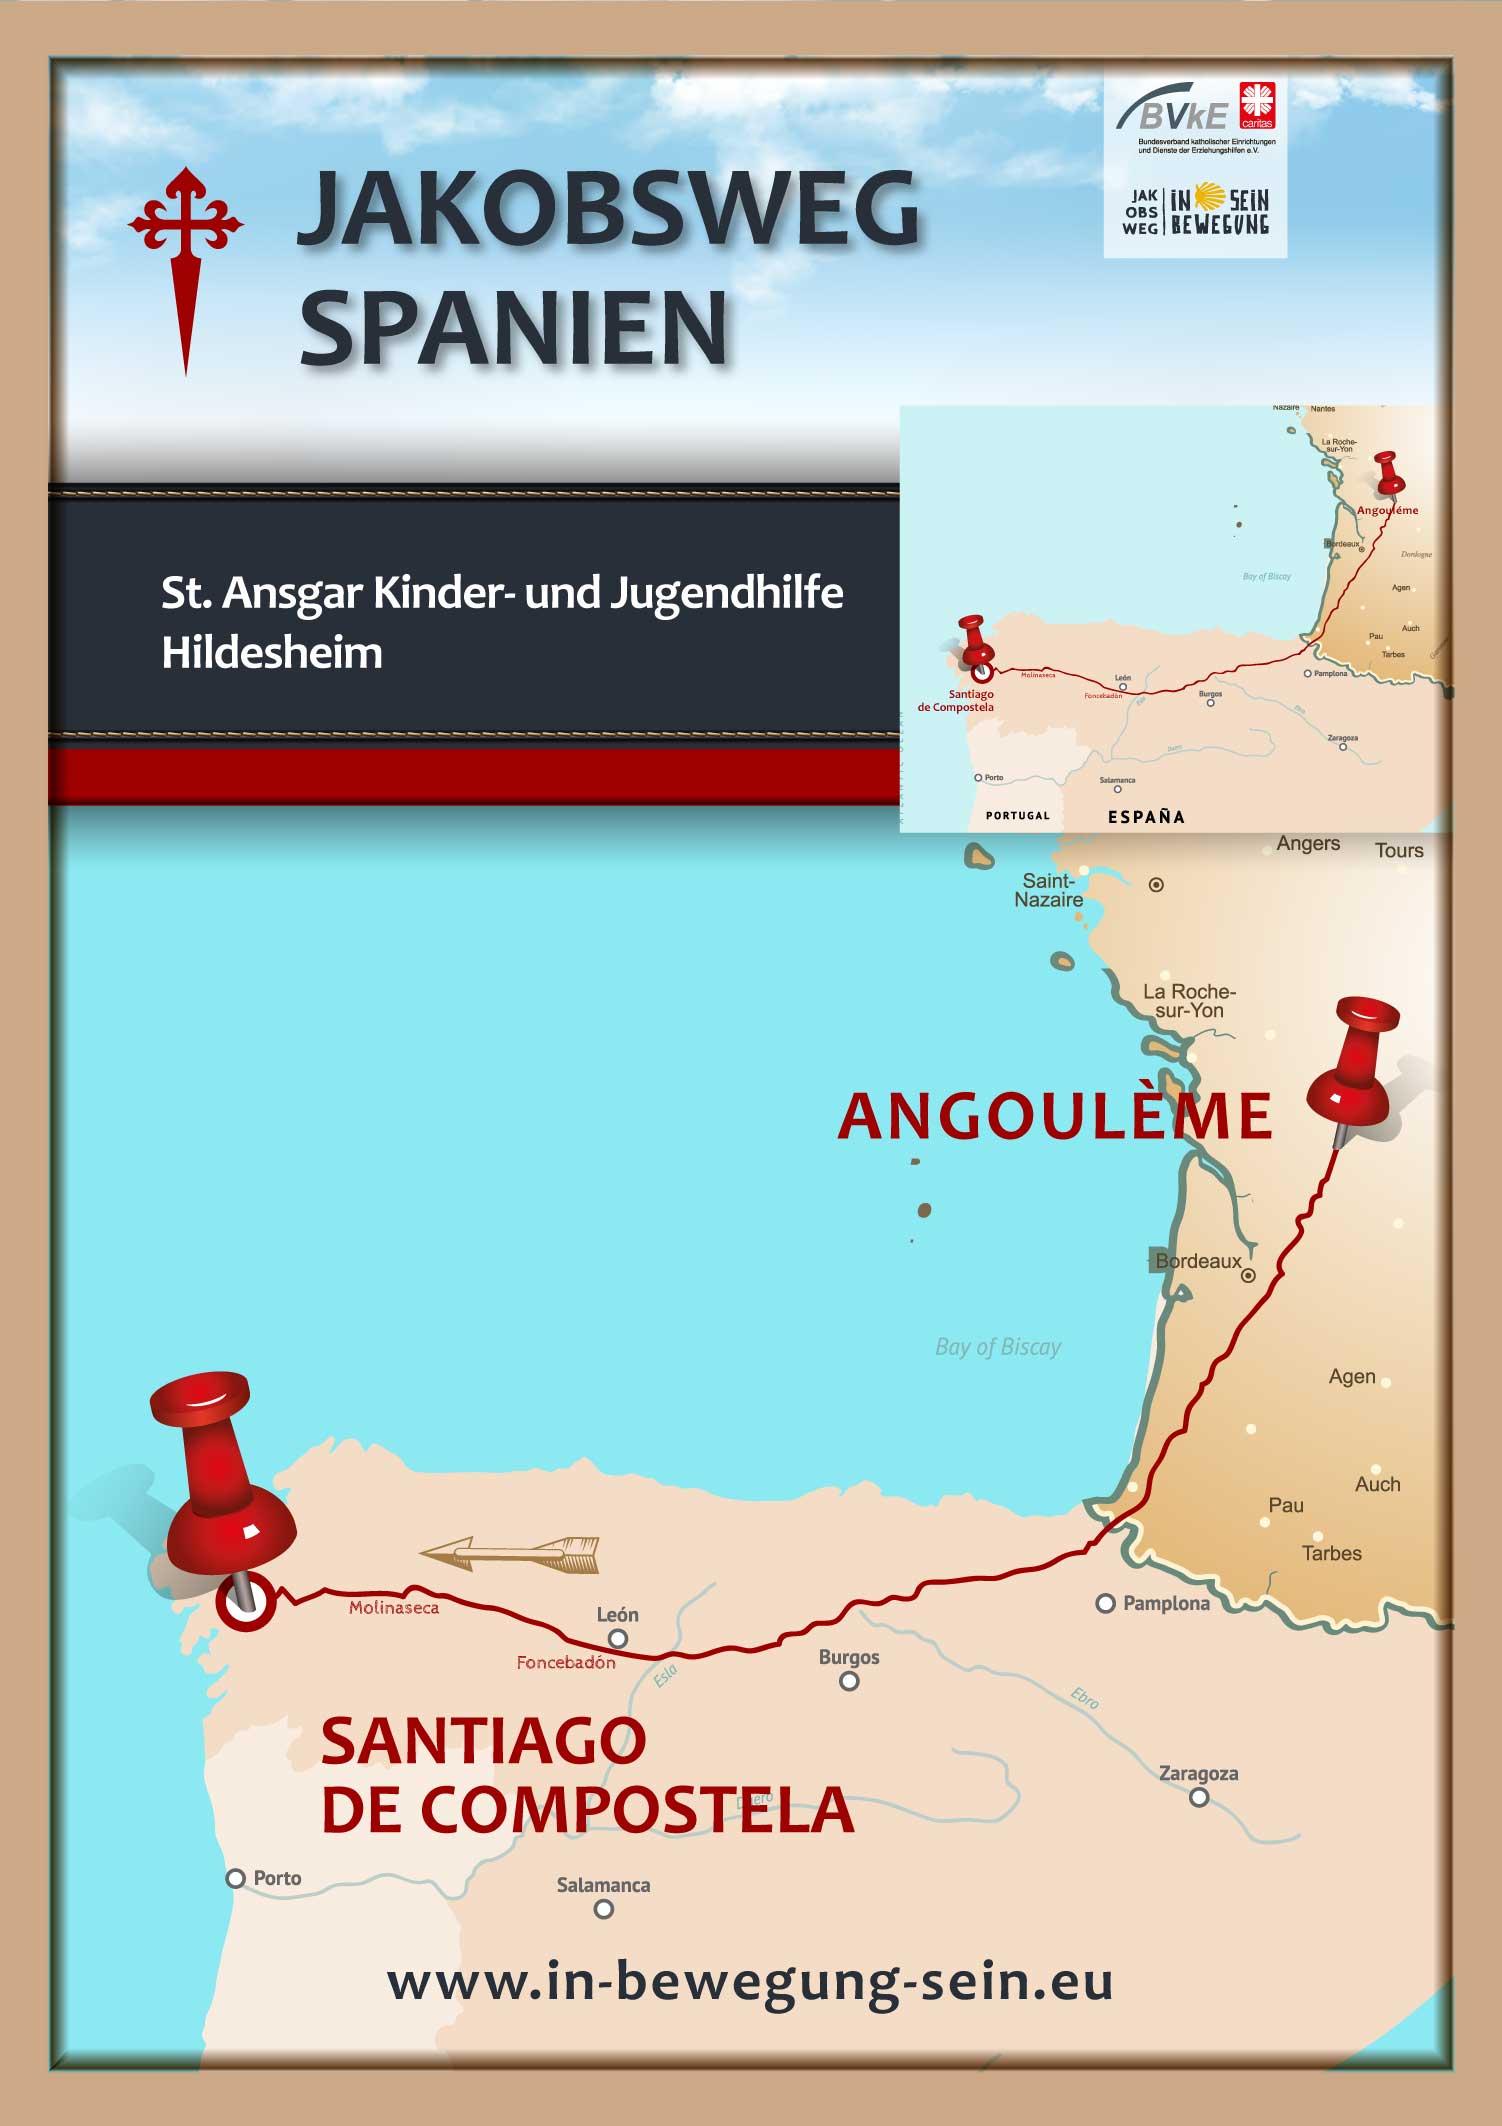 Posterkarte-St-Ansgar-Kinder-Jugendhilfe-Spanien-11-7-2016